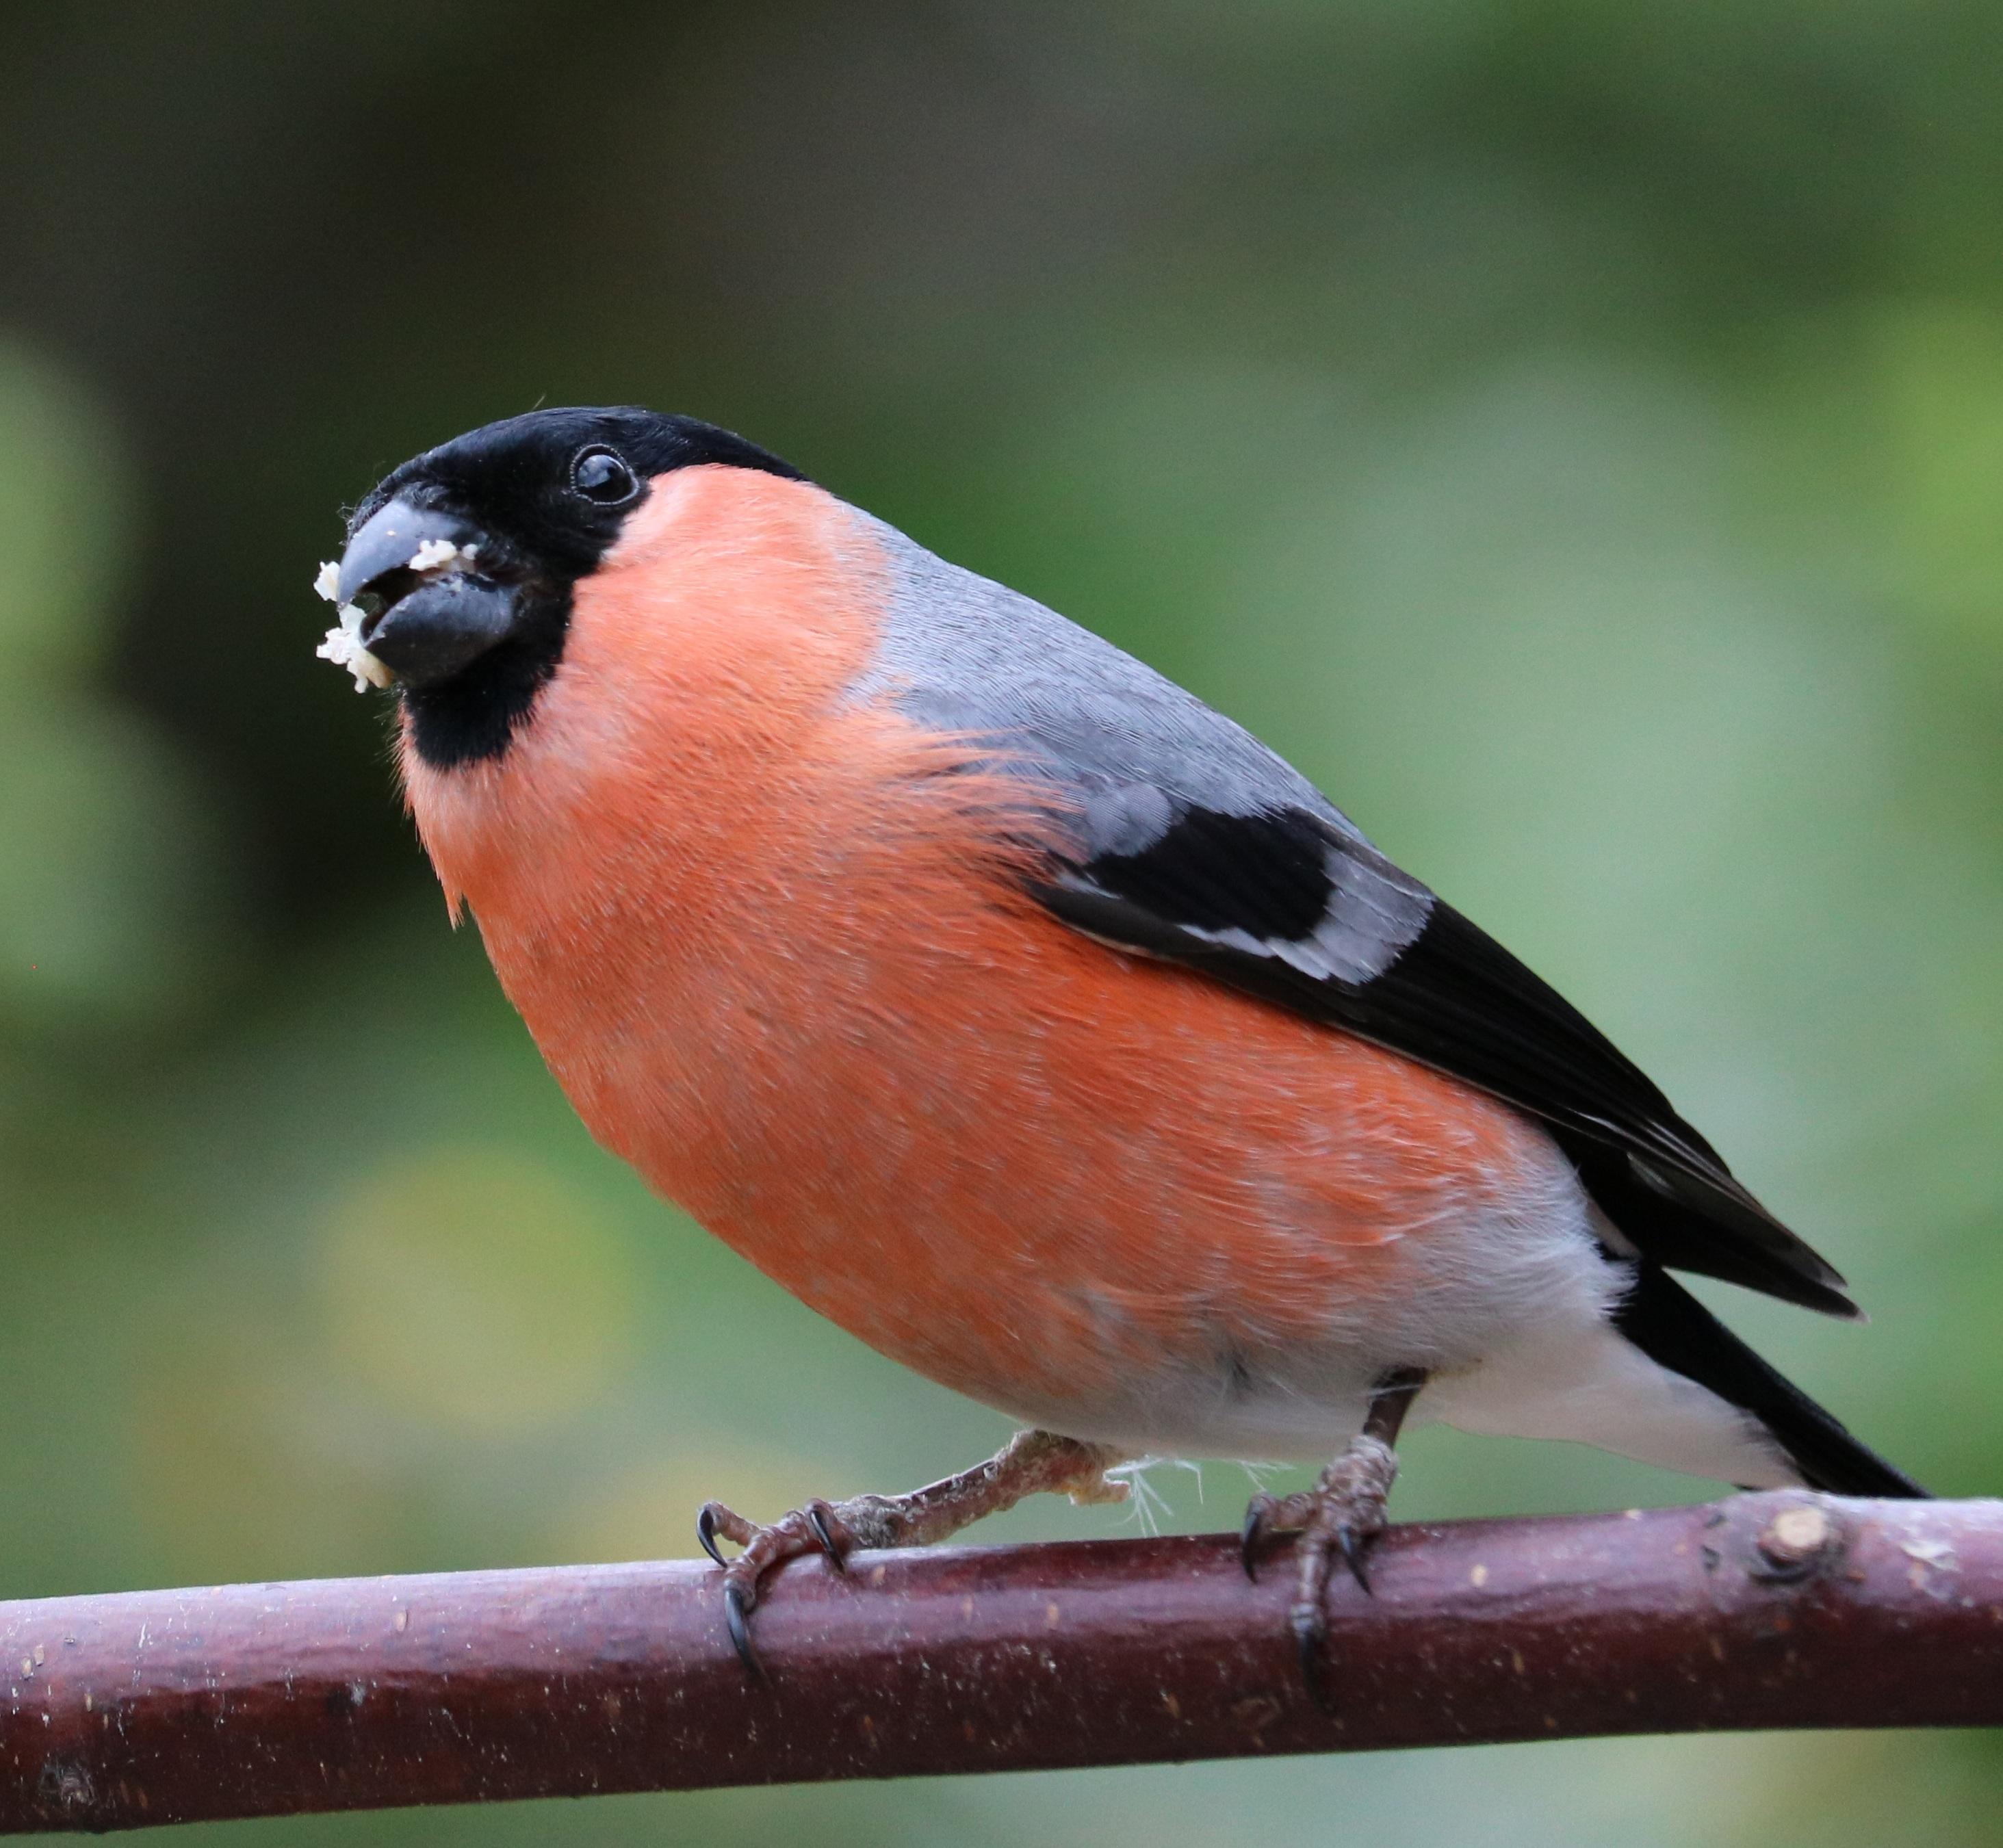 Gratuites oiseau m¢le faune rouge le bec vertébré